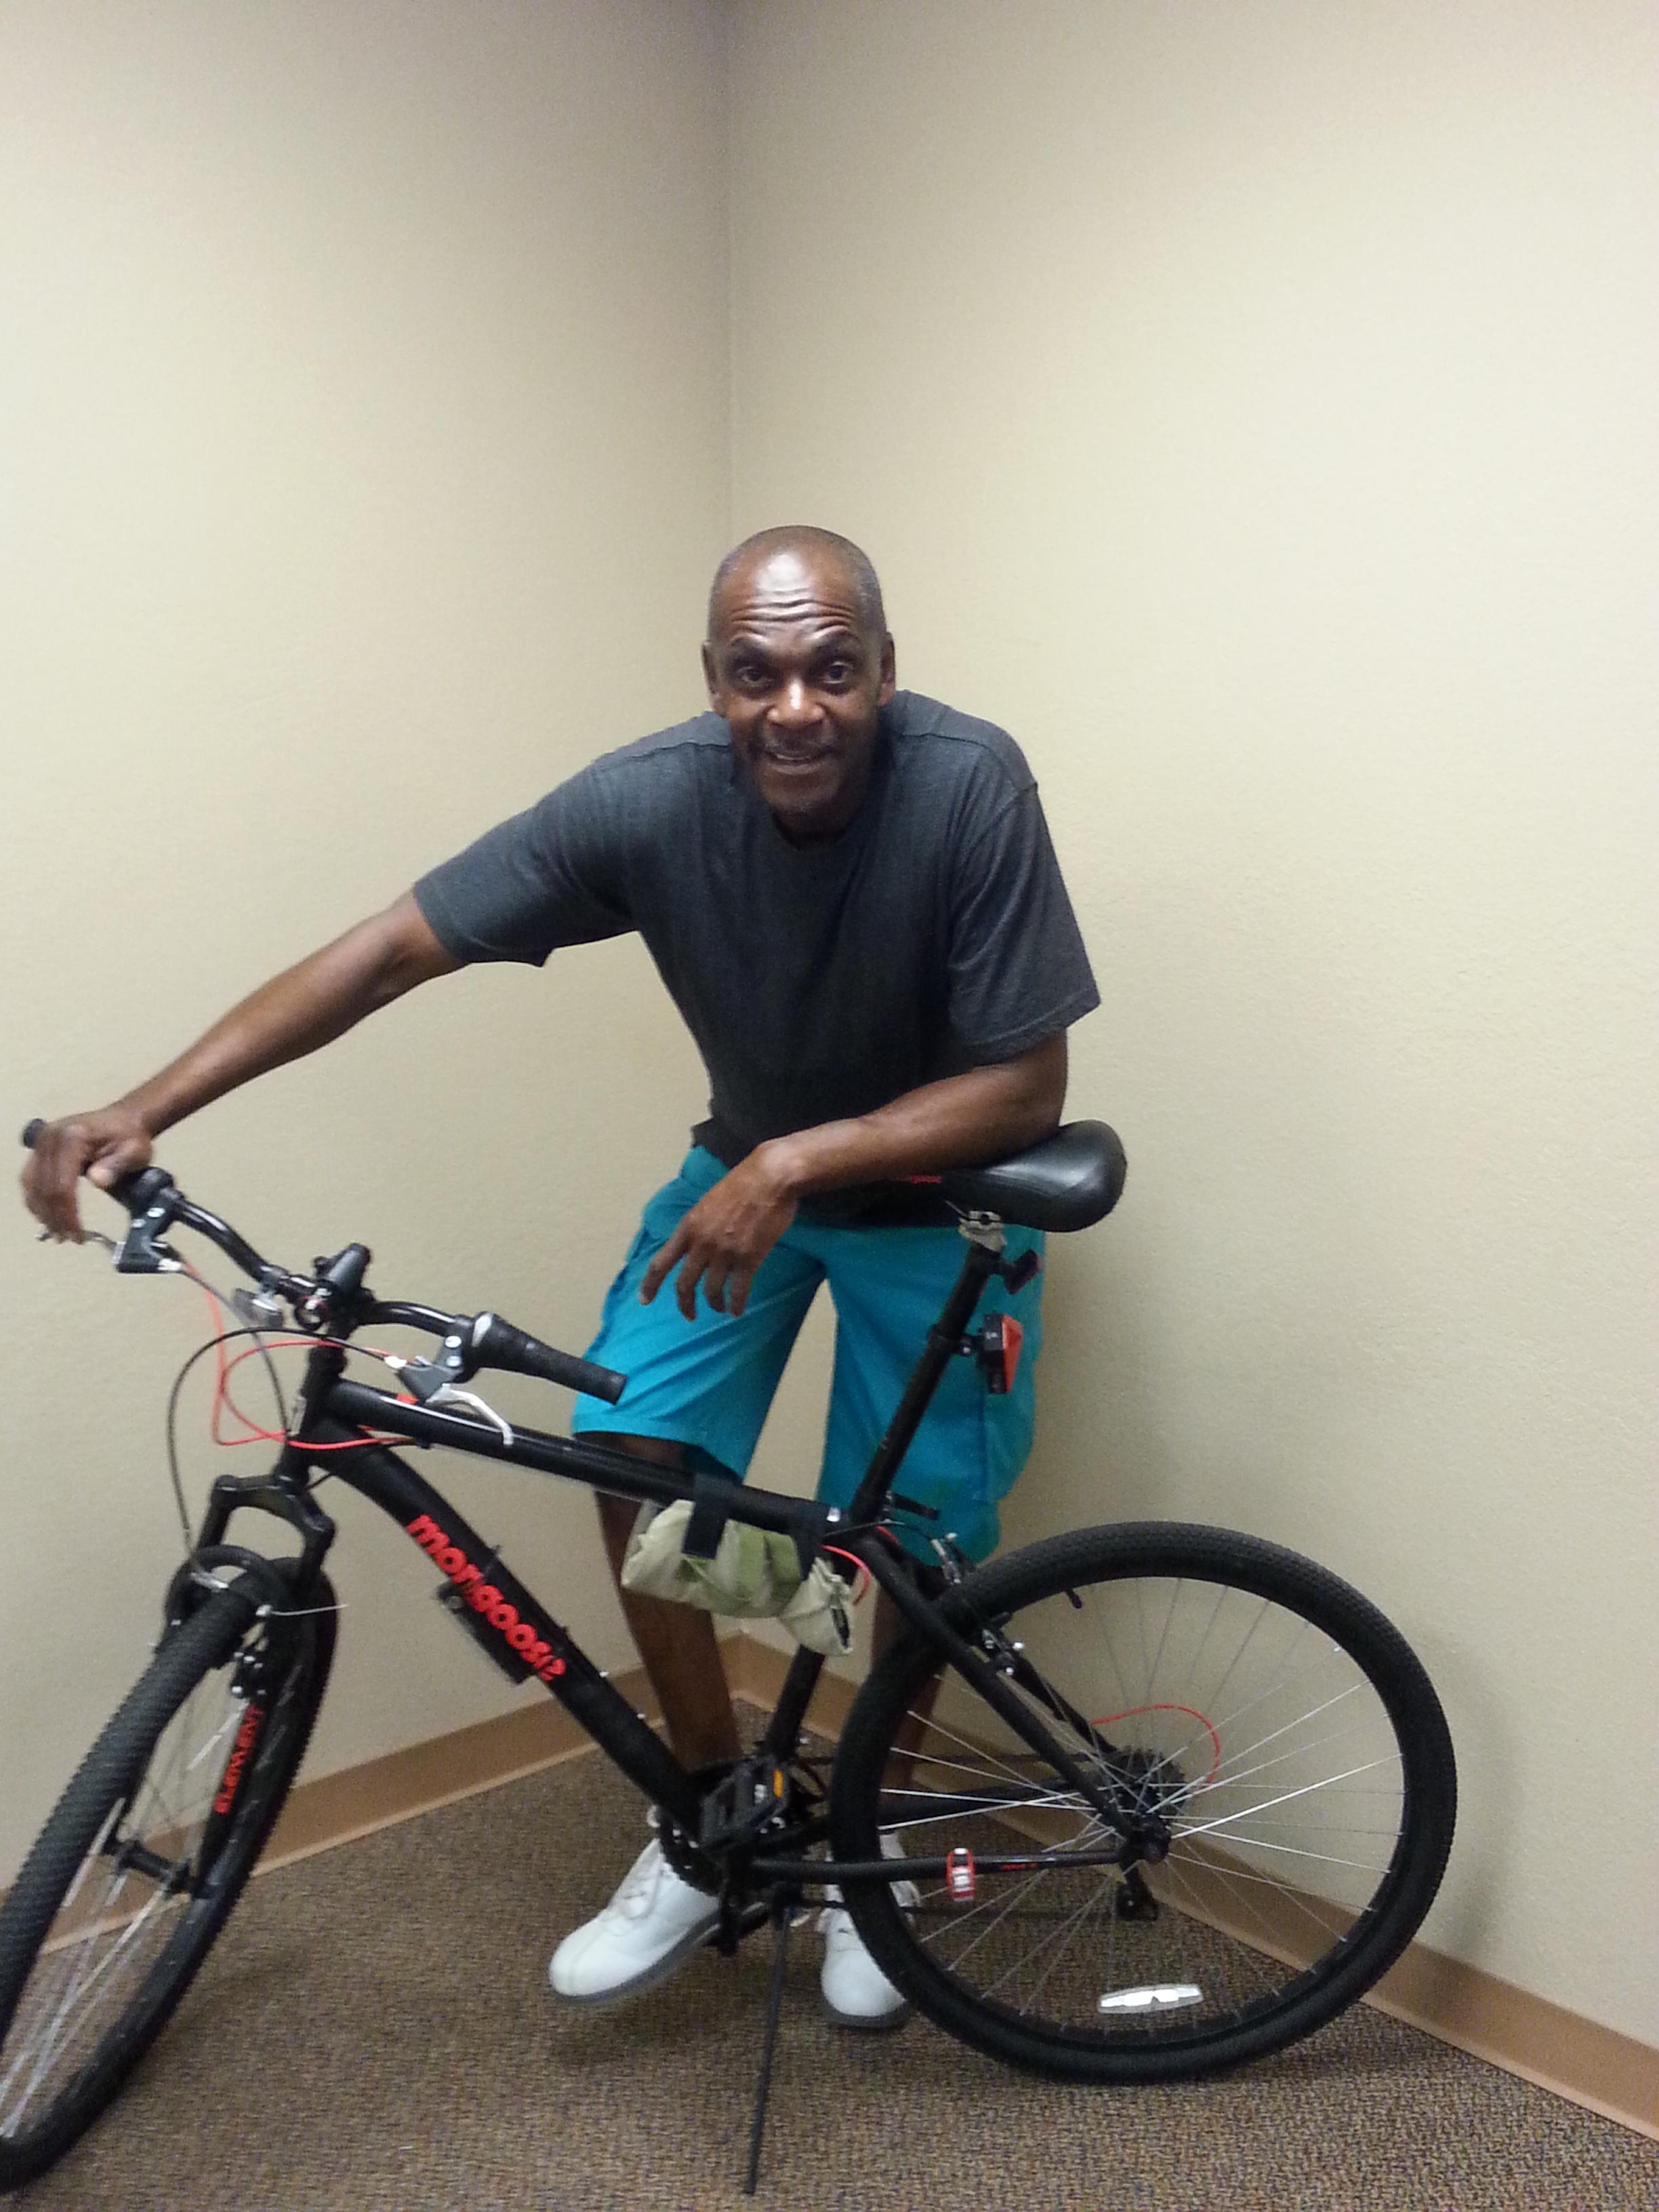 healthy-bike-rider